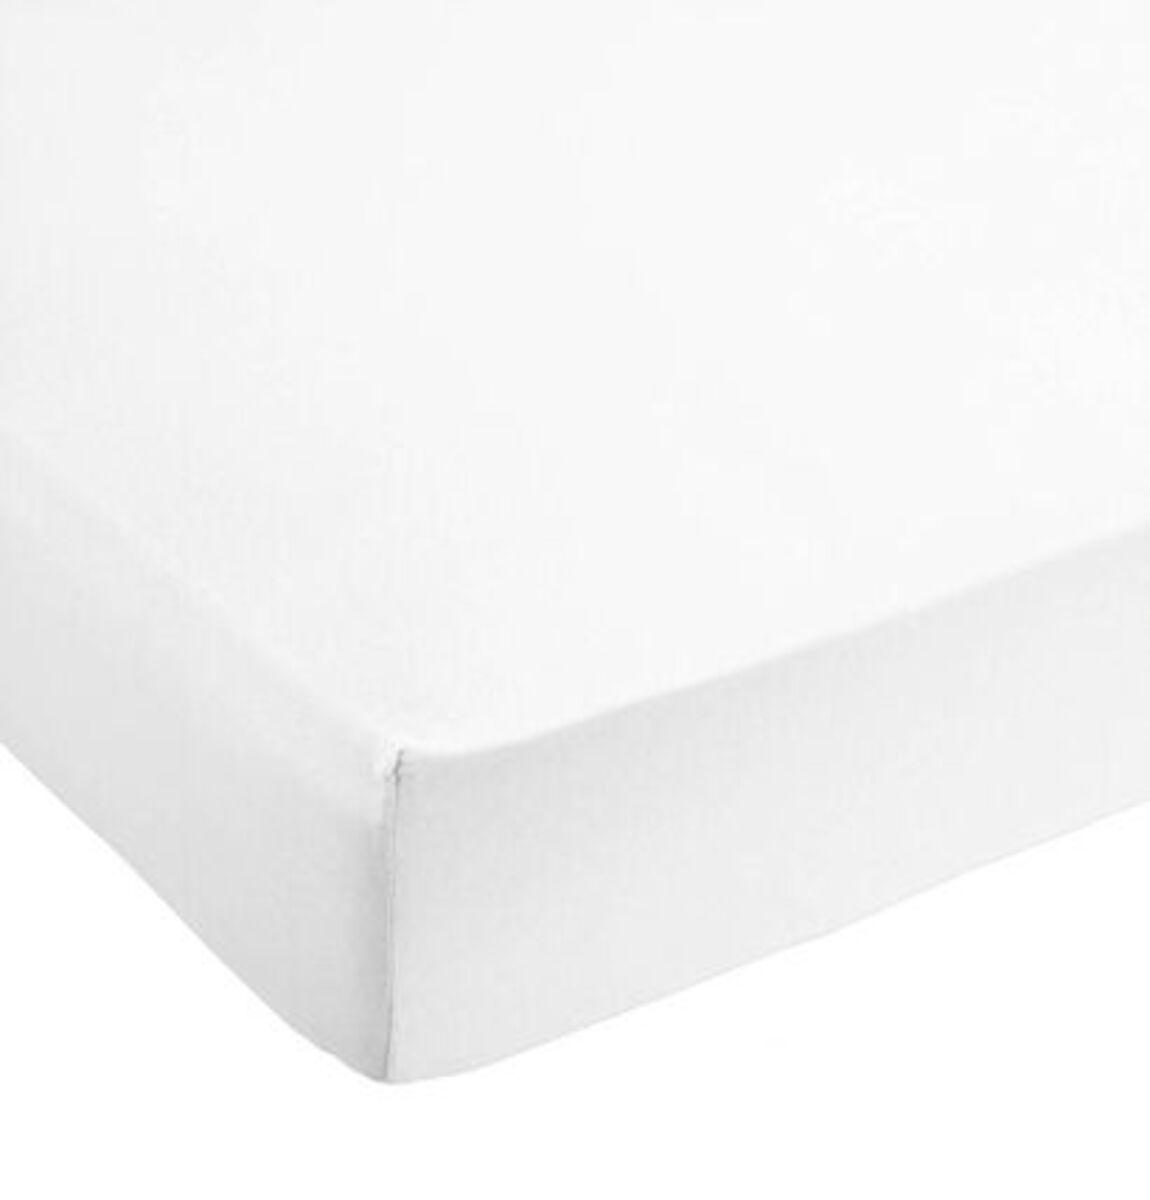 Bild 1 von Galeria Selection Spannbetttuch, reine Baumwolle, Jersey, 100 x 200 cm